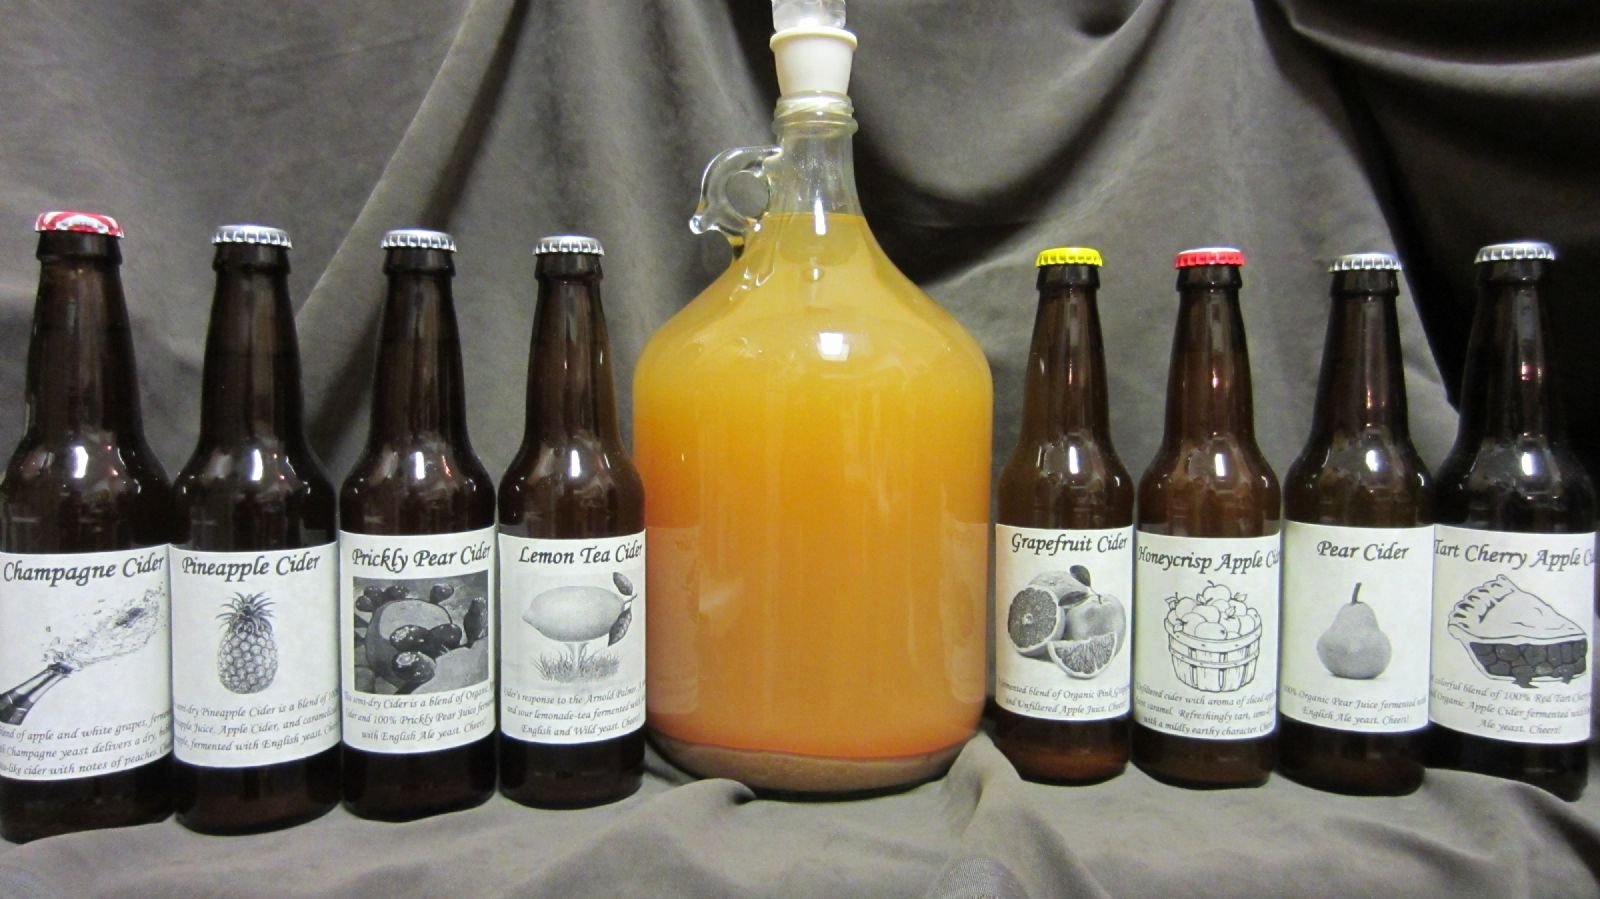 Beer Label Template Word Inspirational Beer Bottle Label Template Word Img 0207 top Label Maker